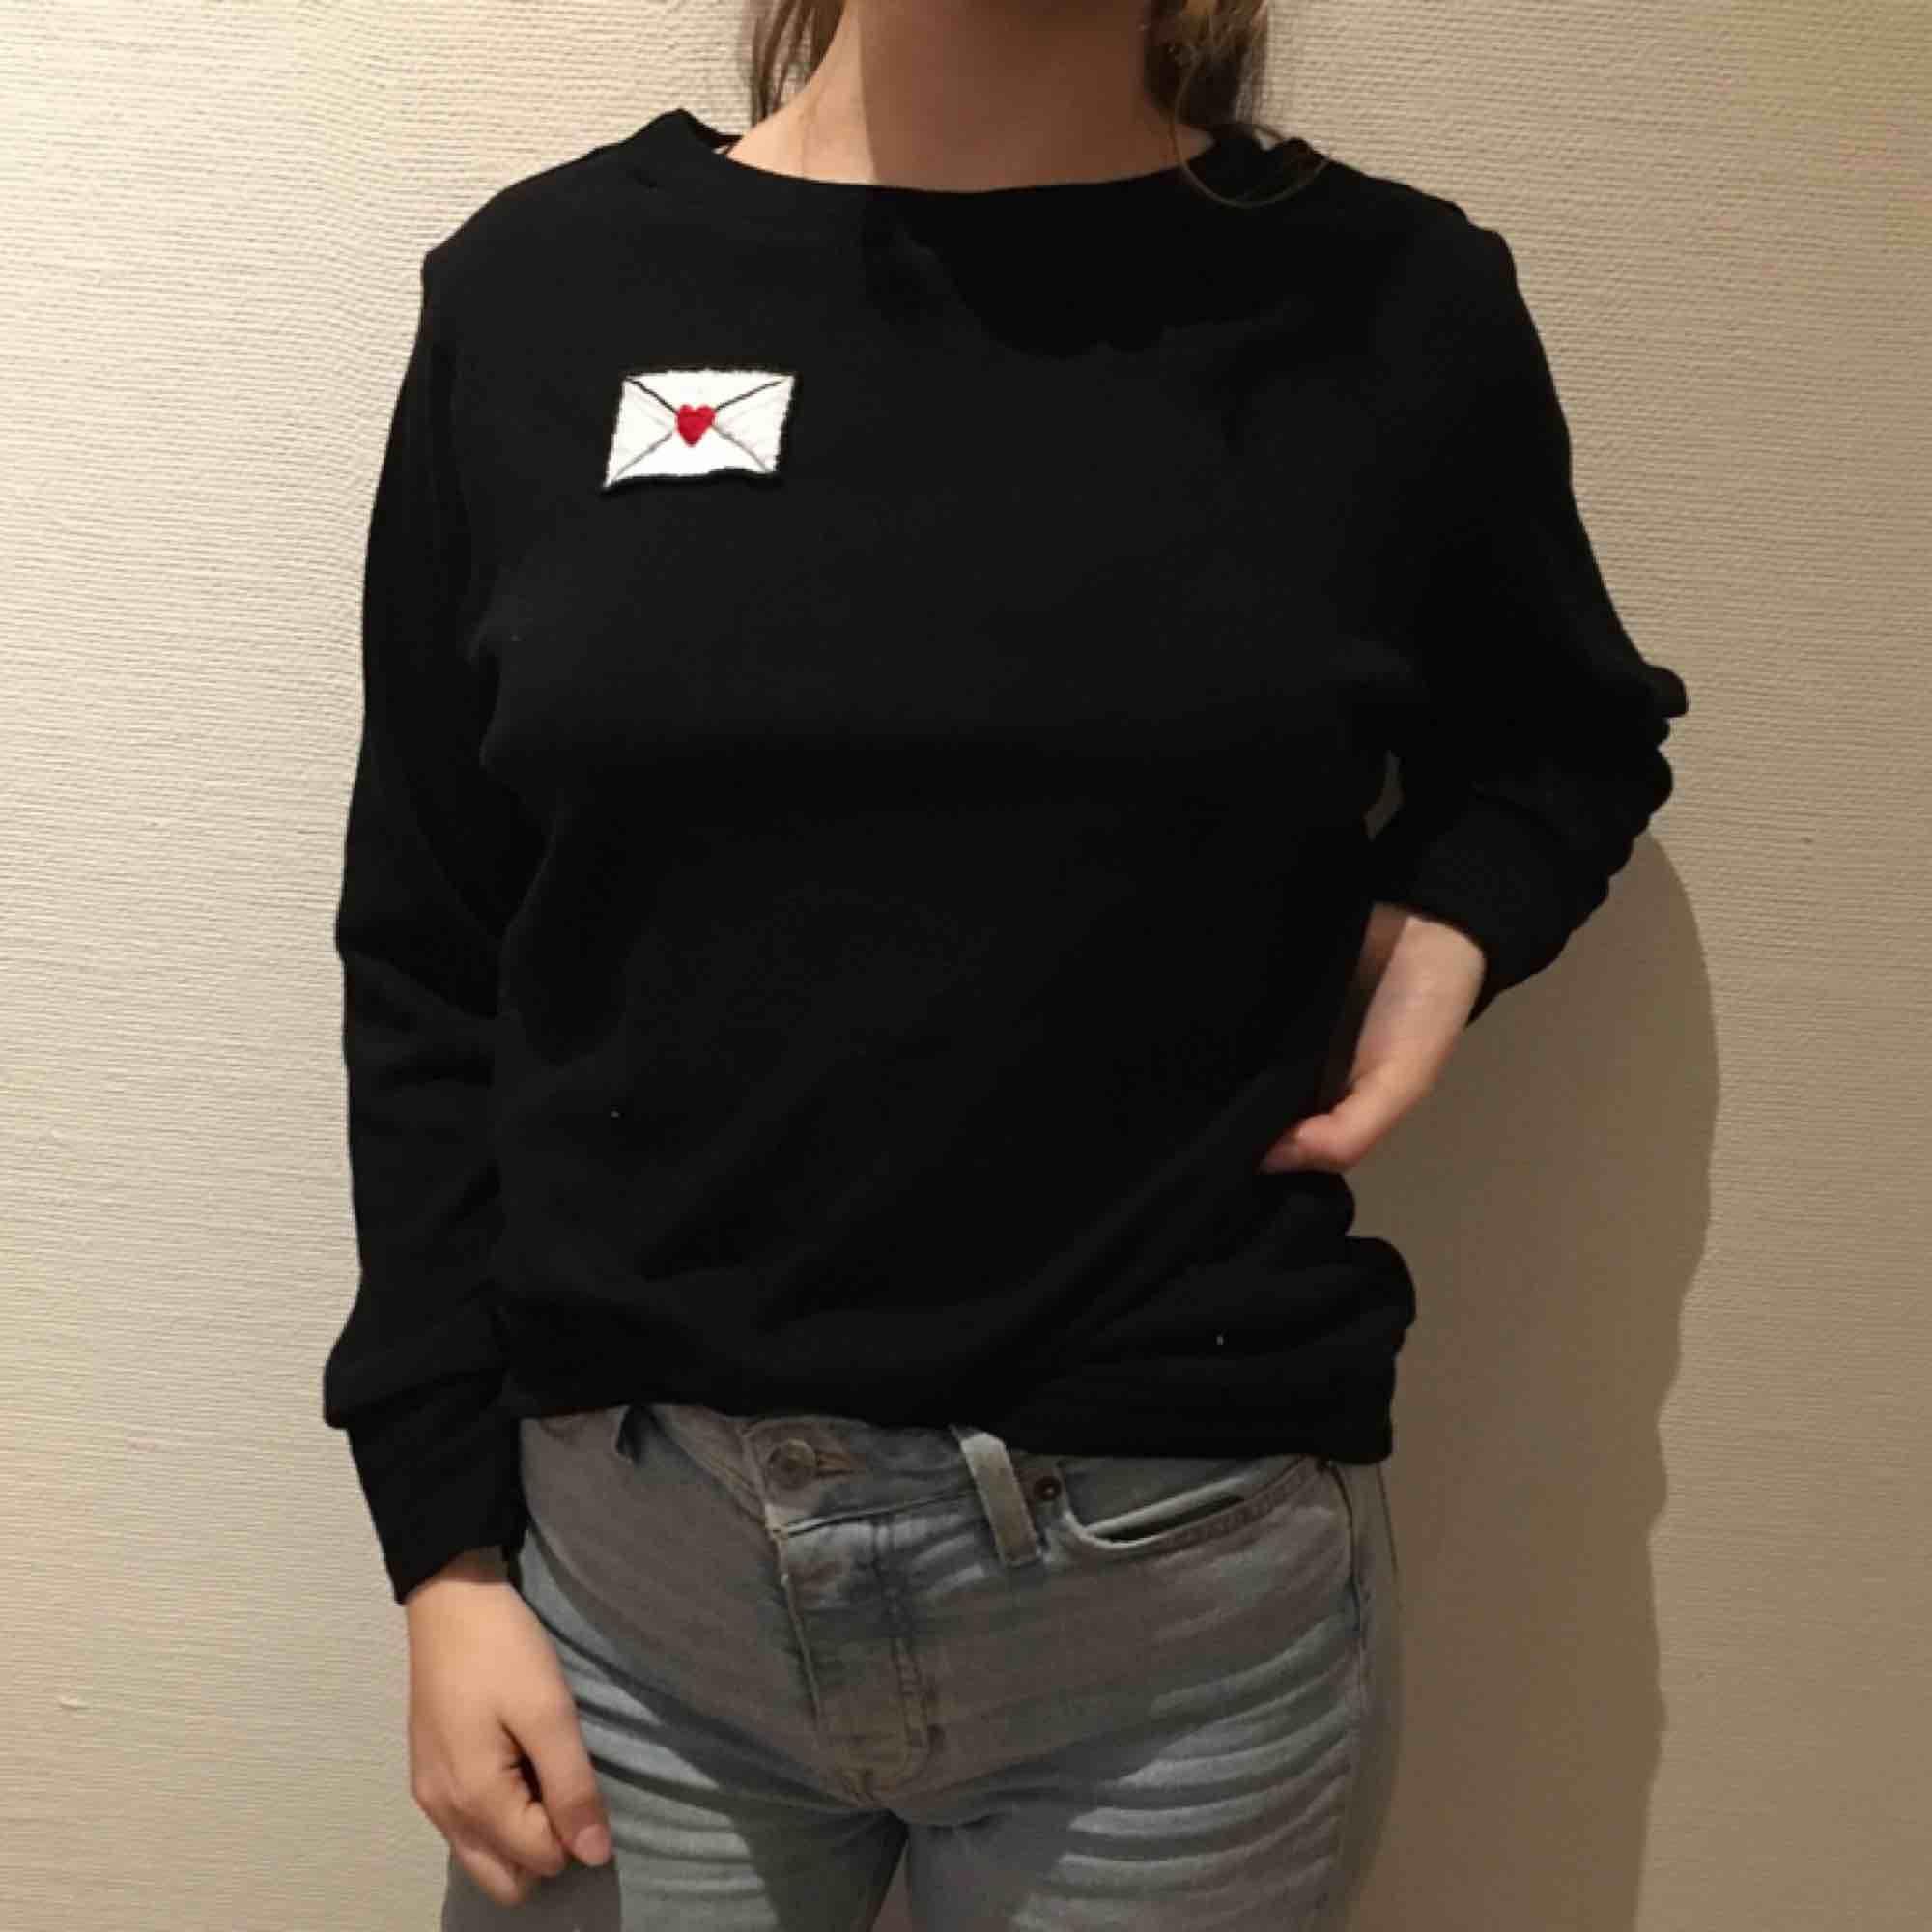 Hemmasydd Hov1 tröja i st S  Kan mötas i göteborg Köparen står för eventuell frakt. Huvtröjor & Träningströjor.